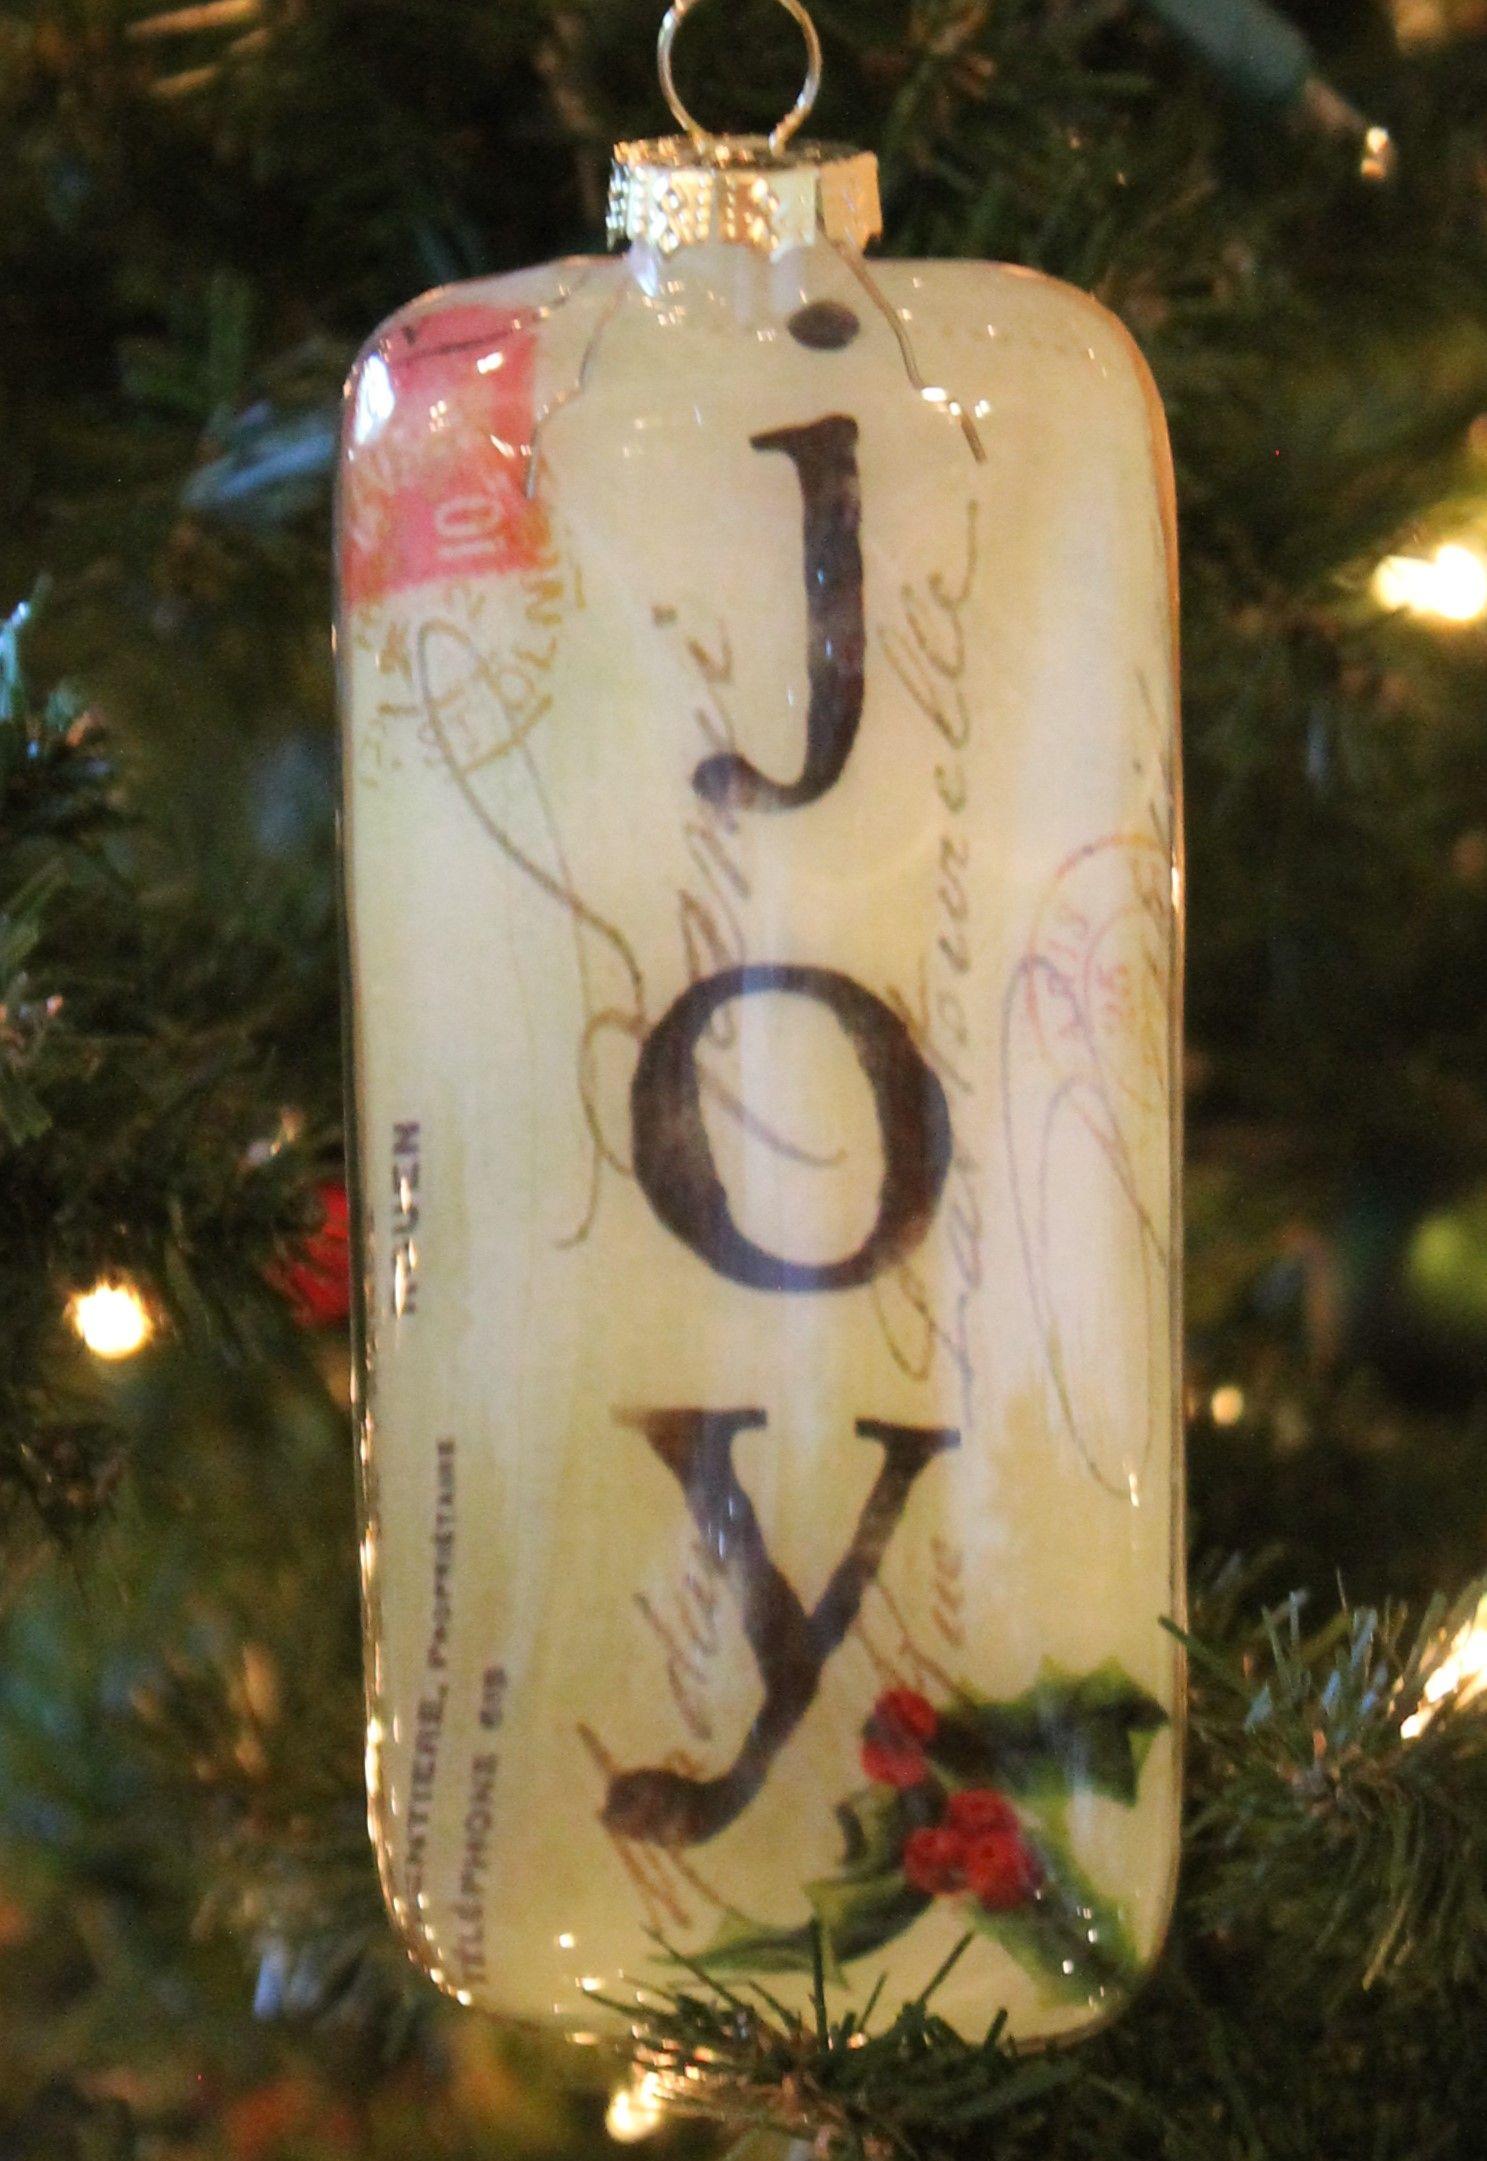 5 5 Glass Joy Christmas Ornament Christmas Ornaments Ornaments Christmas Decorations Ornaments